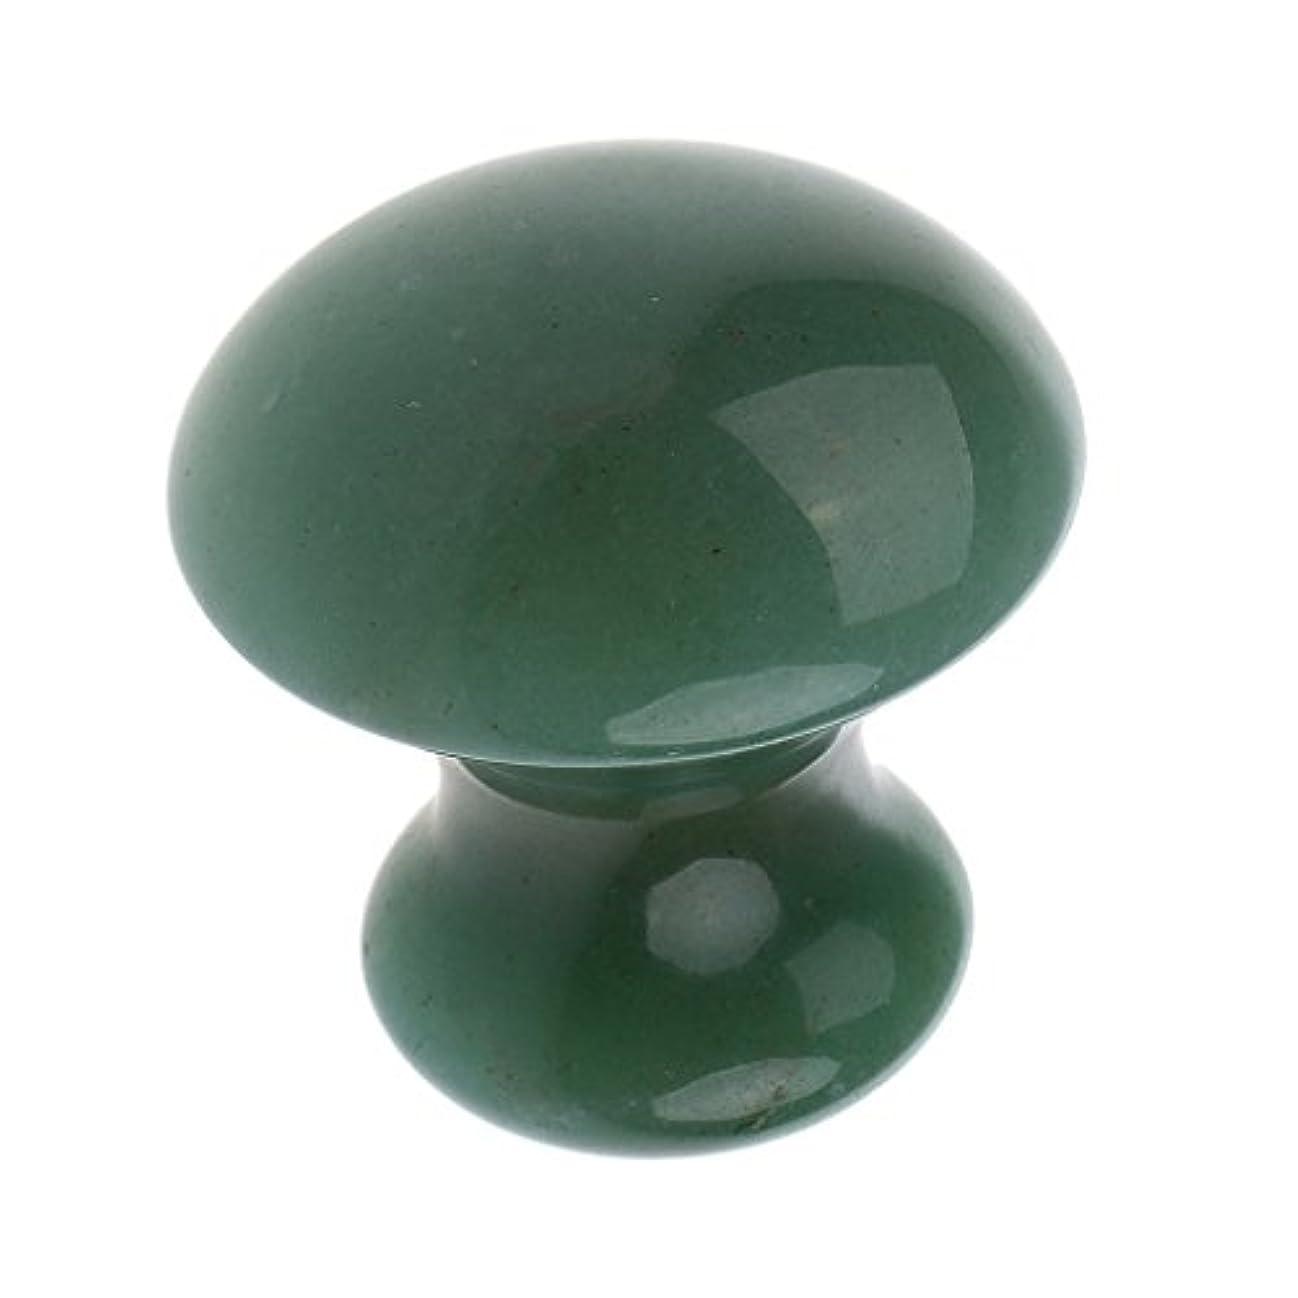 Baoblaze マッサージストーン マッシュルーム スパ SPA ストーン スキンケア リラックス 2色選べる - 緑